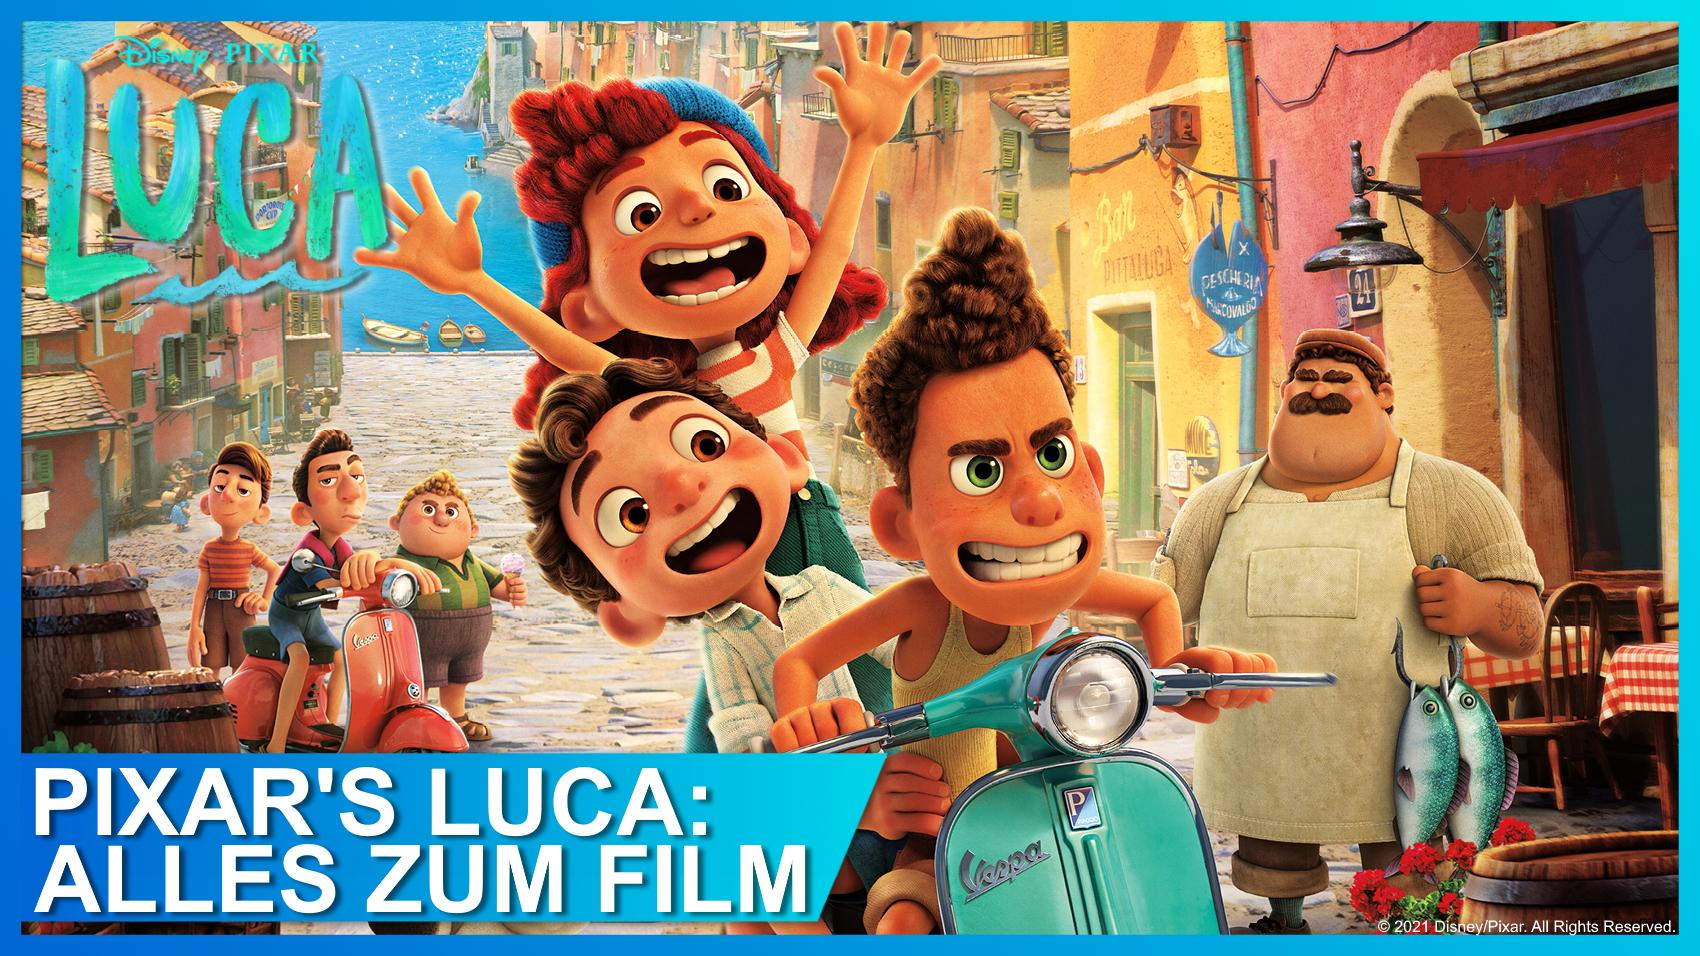 Pixars Reise nach Italien: Alle Infos über Luca und seine Freunde